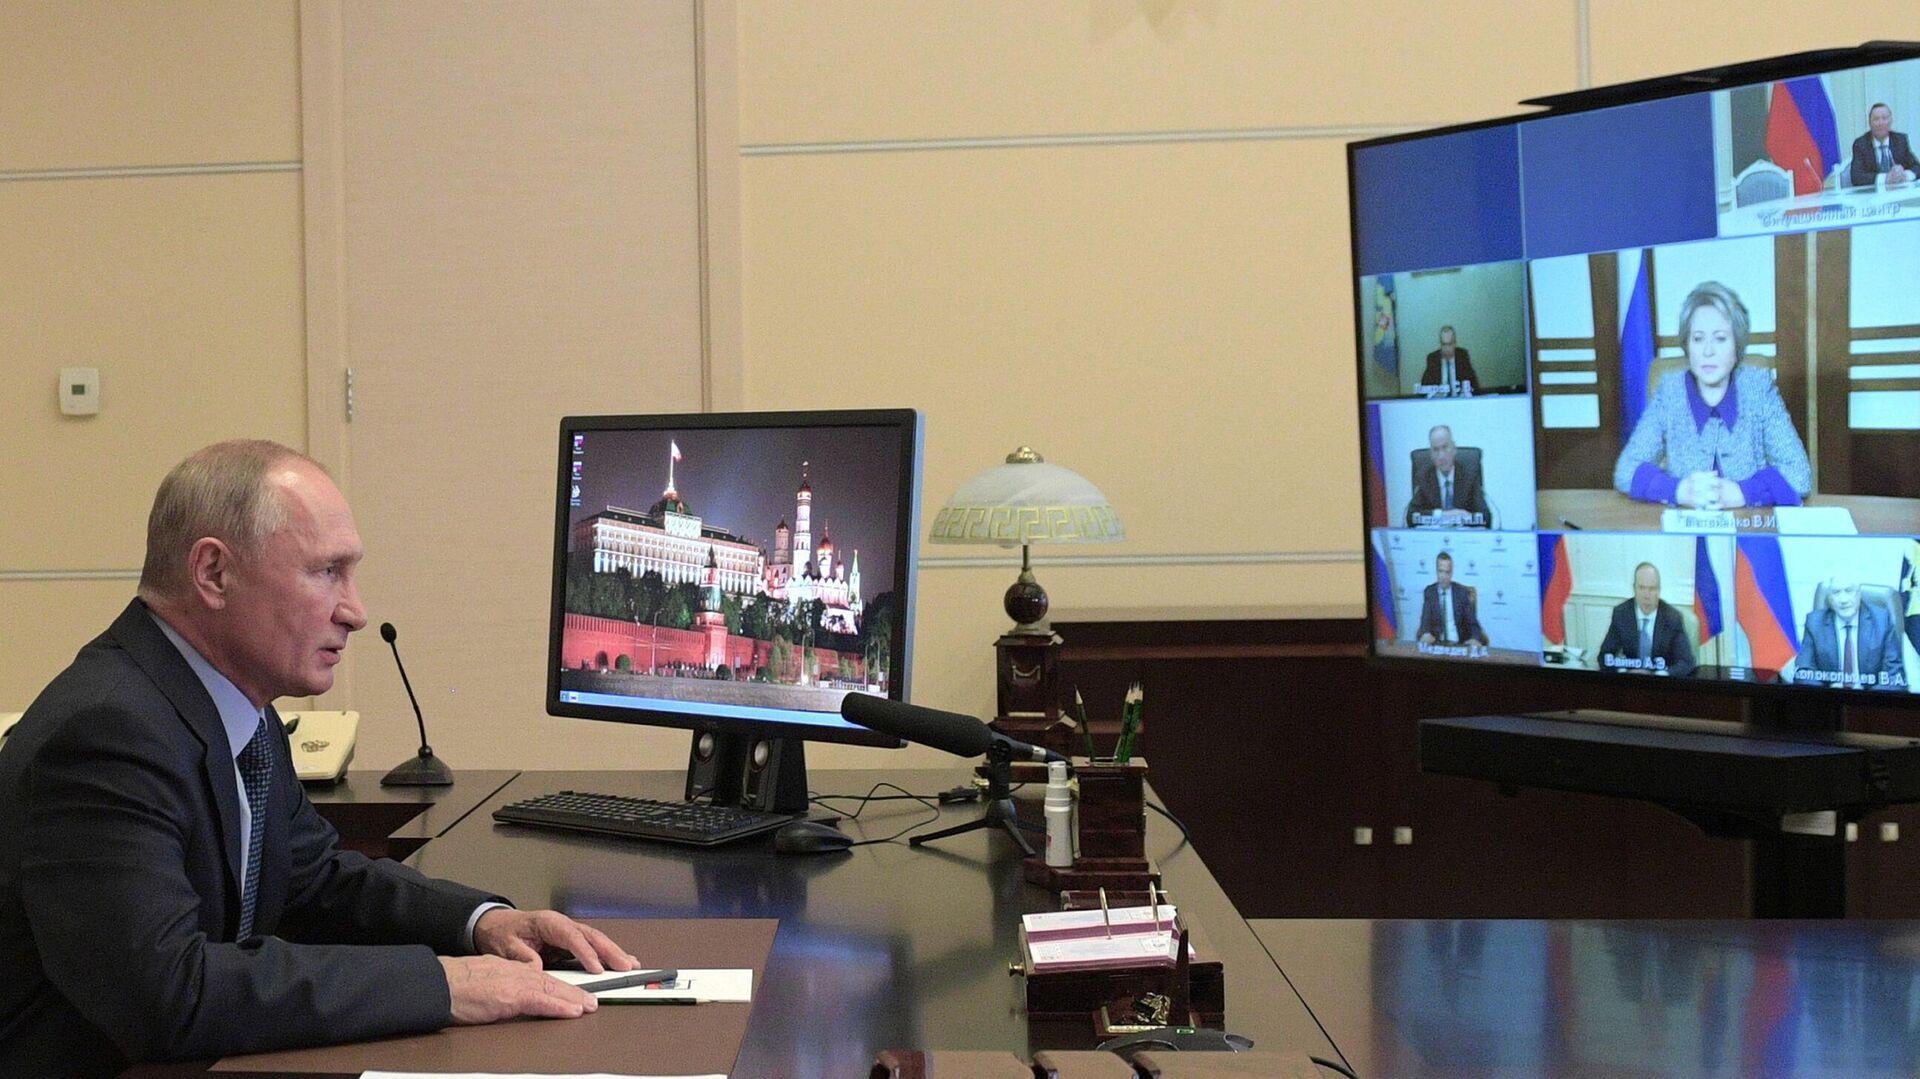 Президент РФ Владимир Путин проводит оперативное совещание с постоянными членами Совета безопасности РФ - РИА Новости, 1920, 06.11.2020